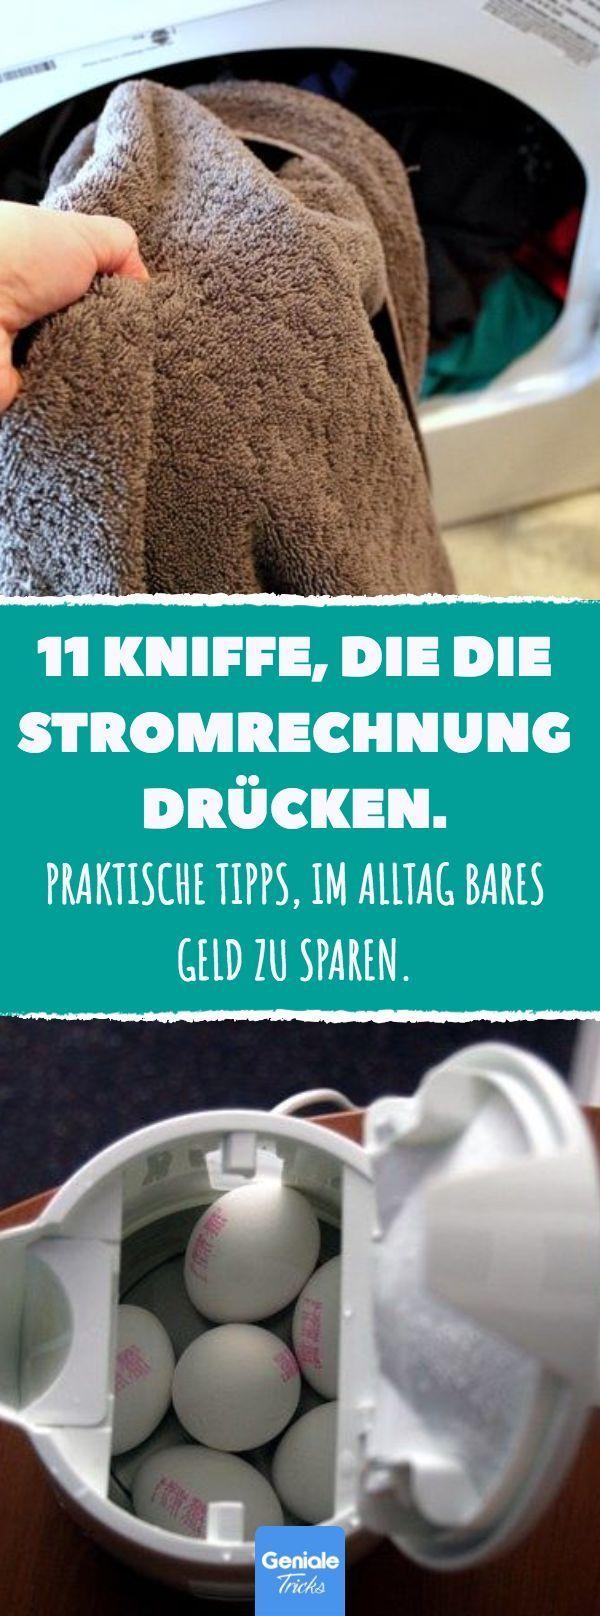 11 Kniffe, die die Stromrechnung drücken. #Stroms…